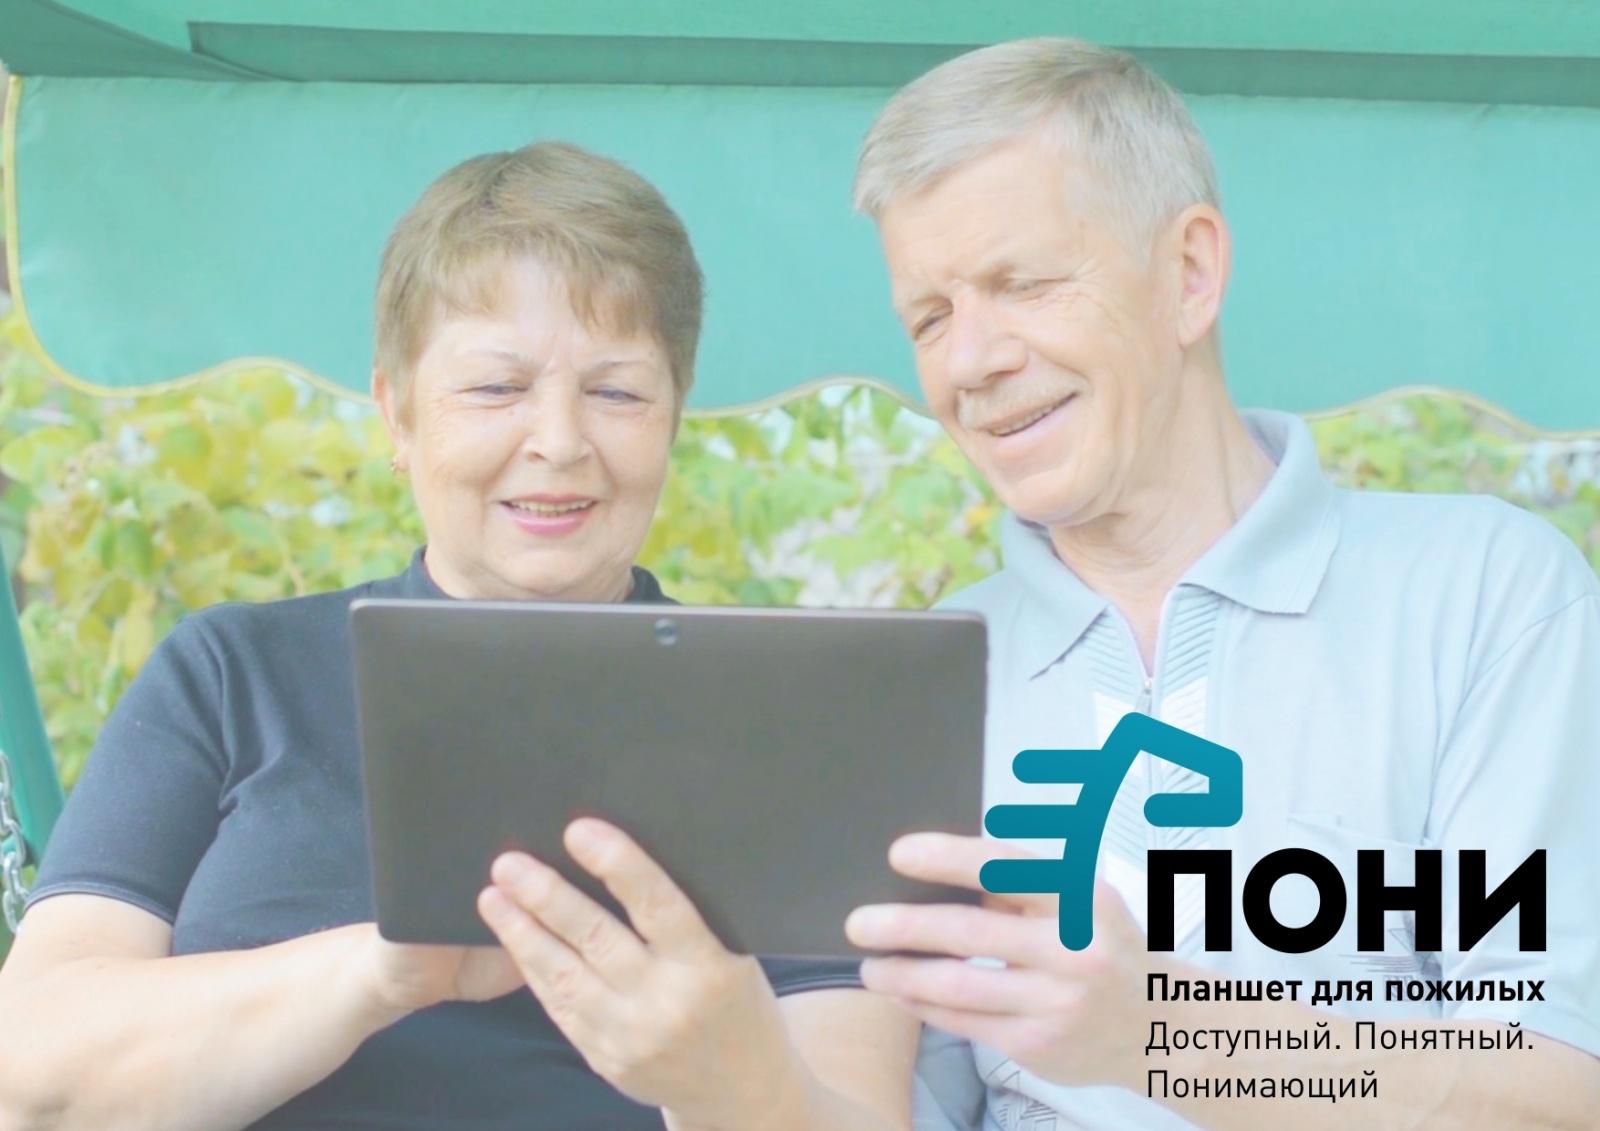 ИТ для пожилых. Продвижение и поиск финансирования - 1